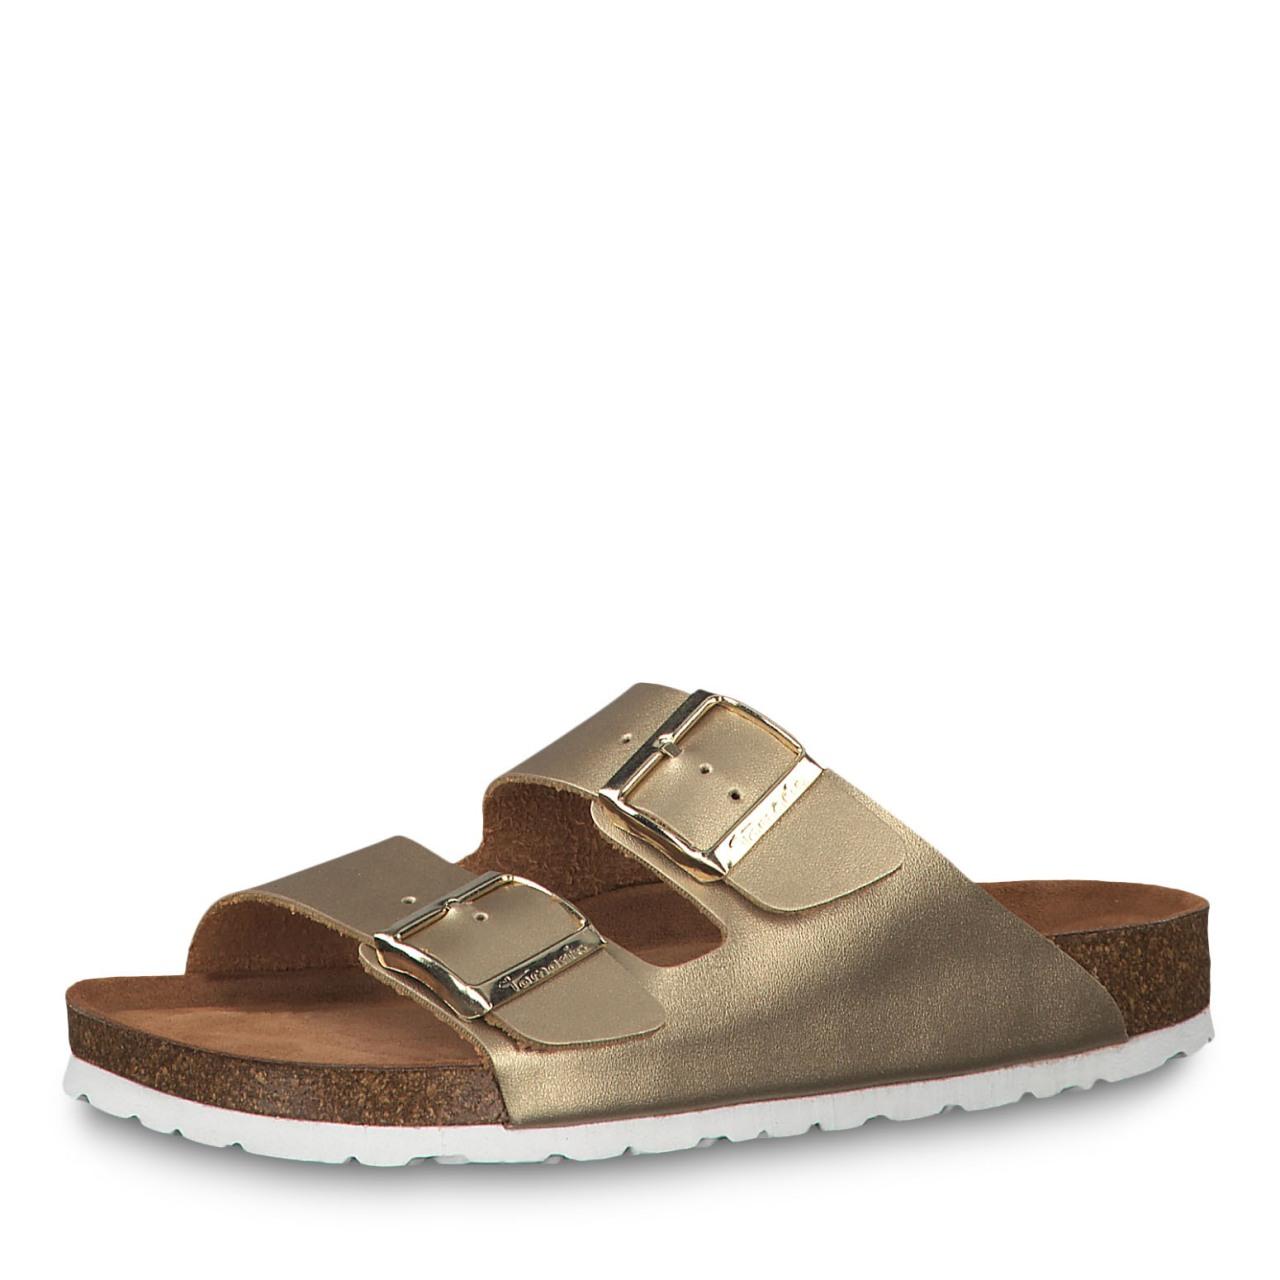 Gull Sandaler | Sko til Dame | Sko og sandaler på nett hos